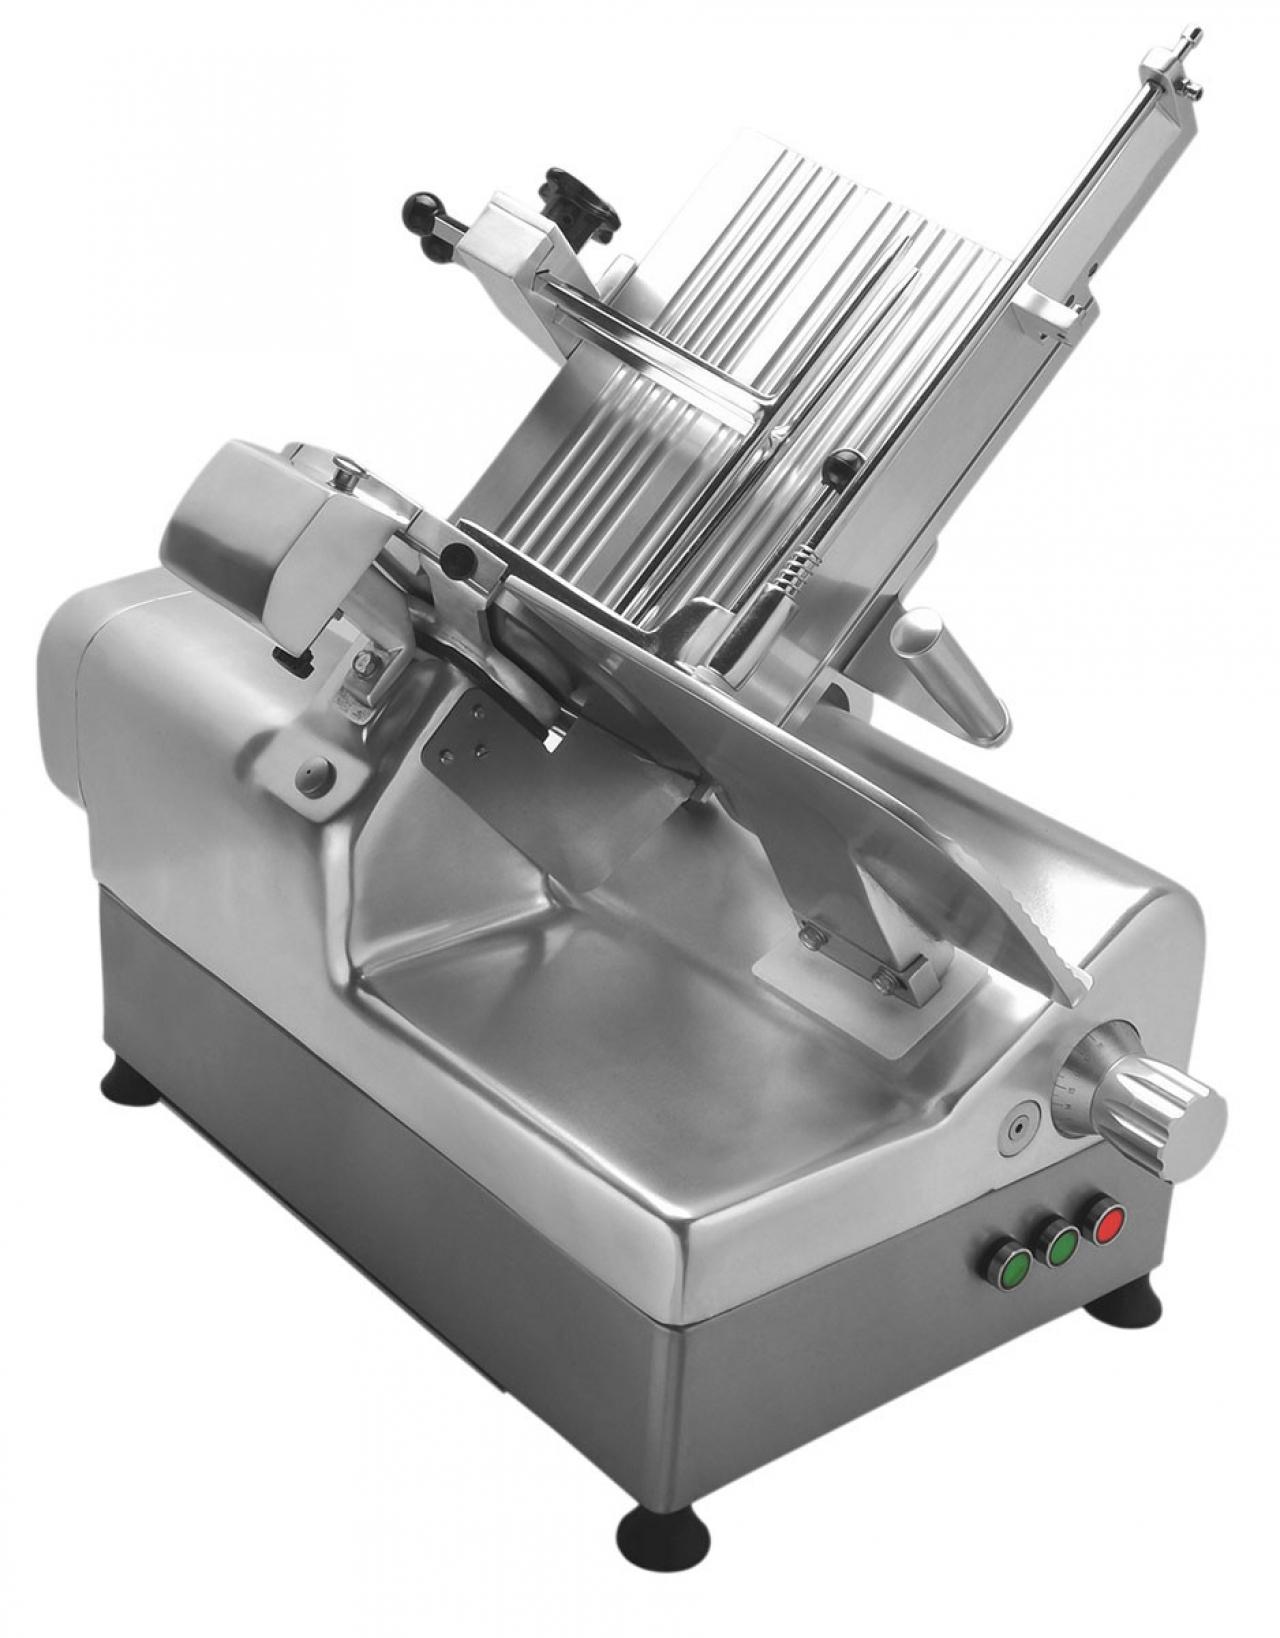 Food Slicer 320mm Auto